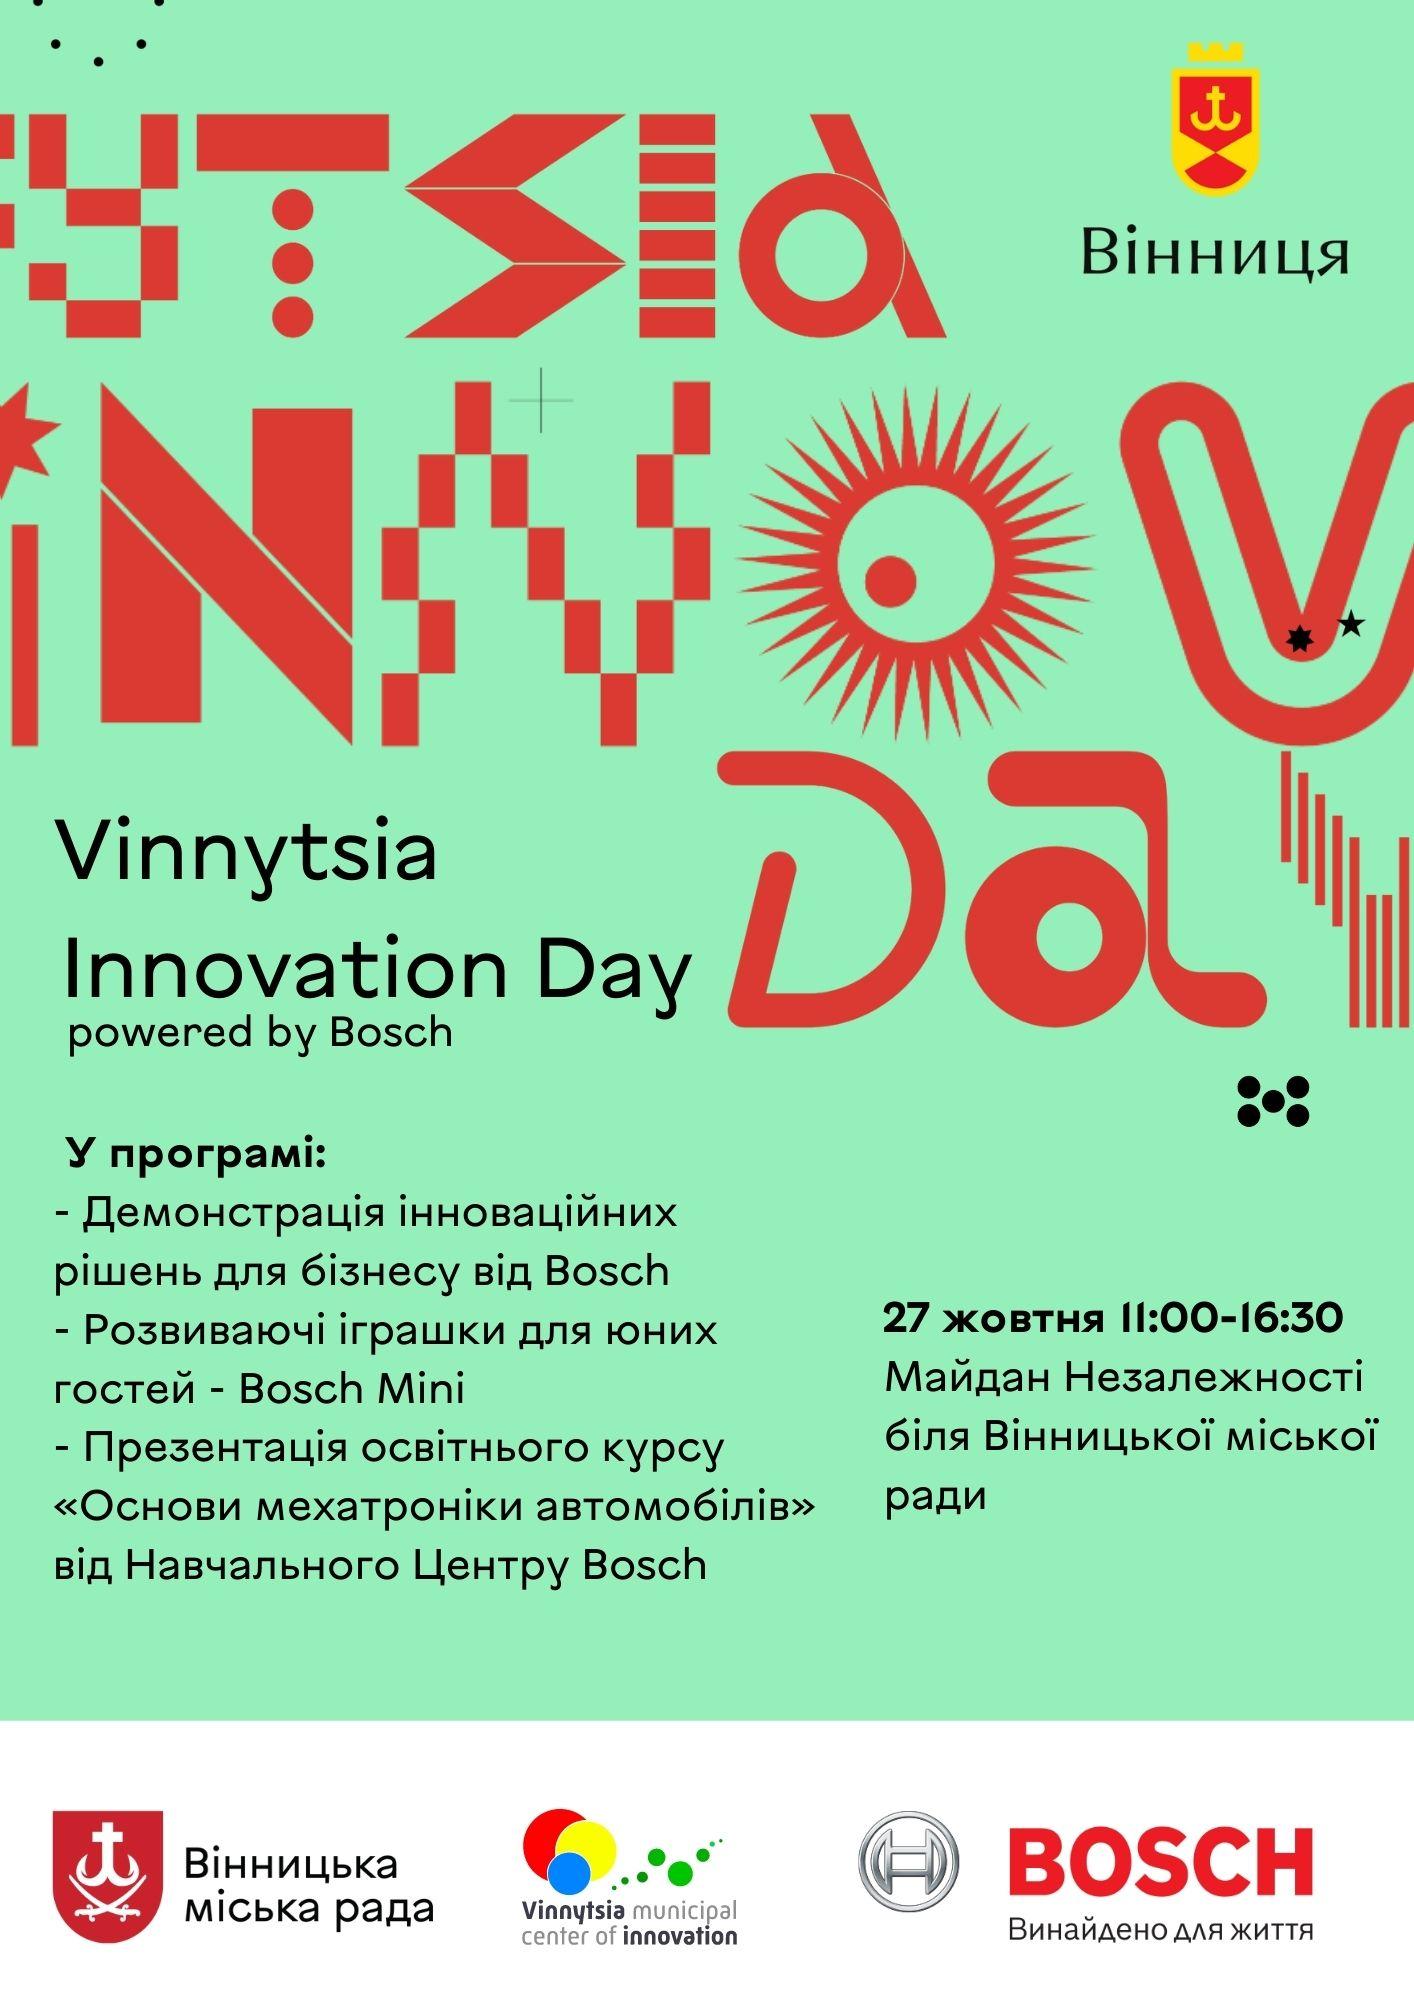 Вінничан запрошують на виставку інноваційного обладнання